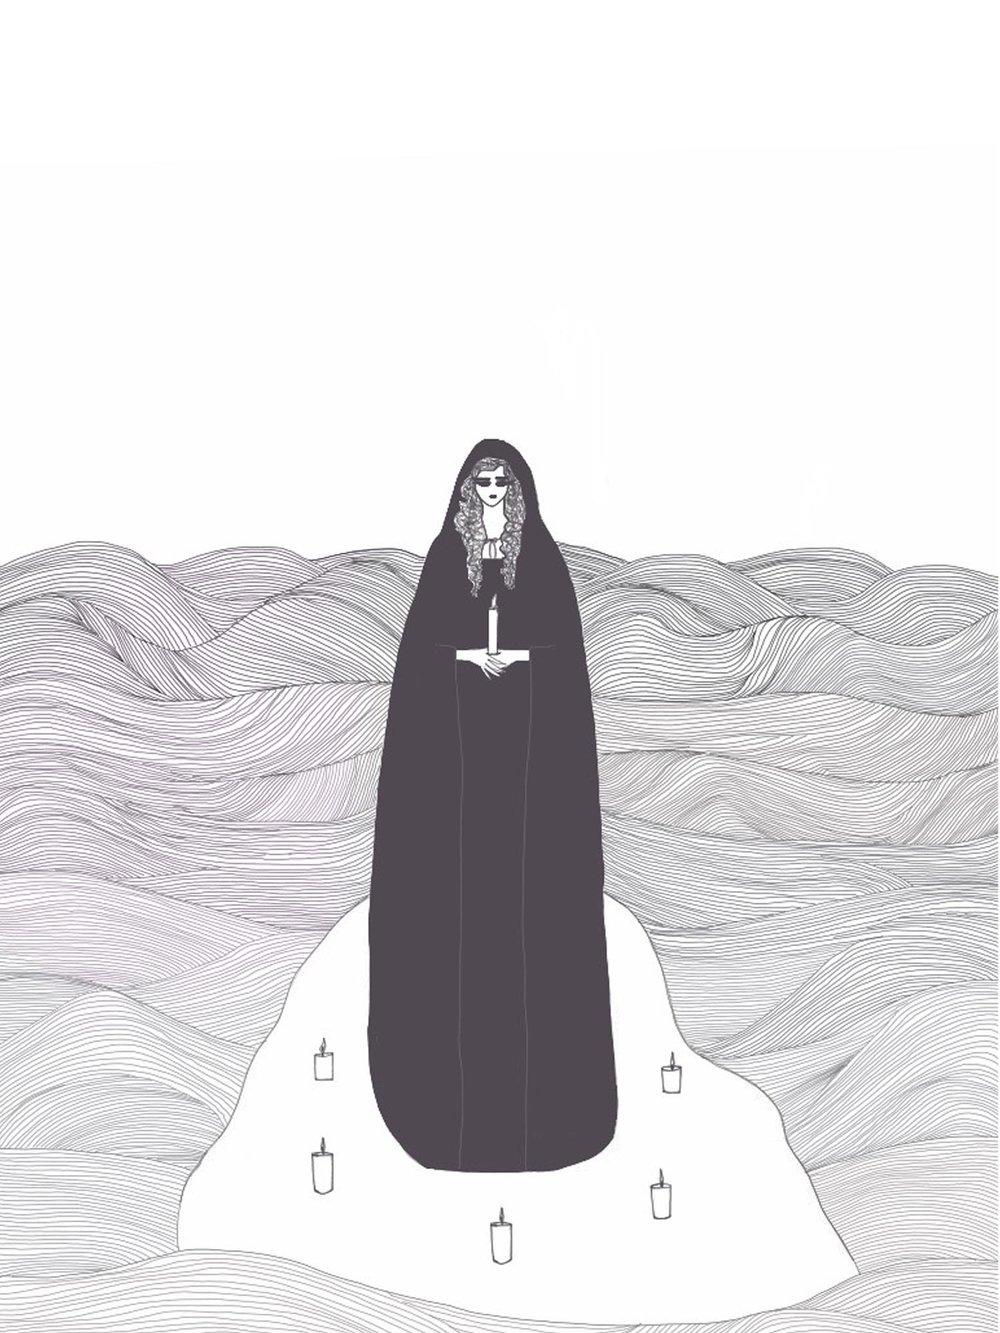 the-hermit-tarot